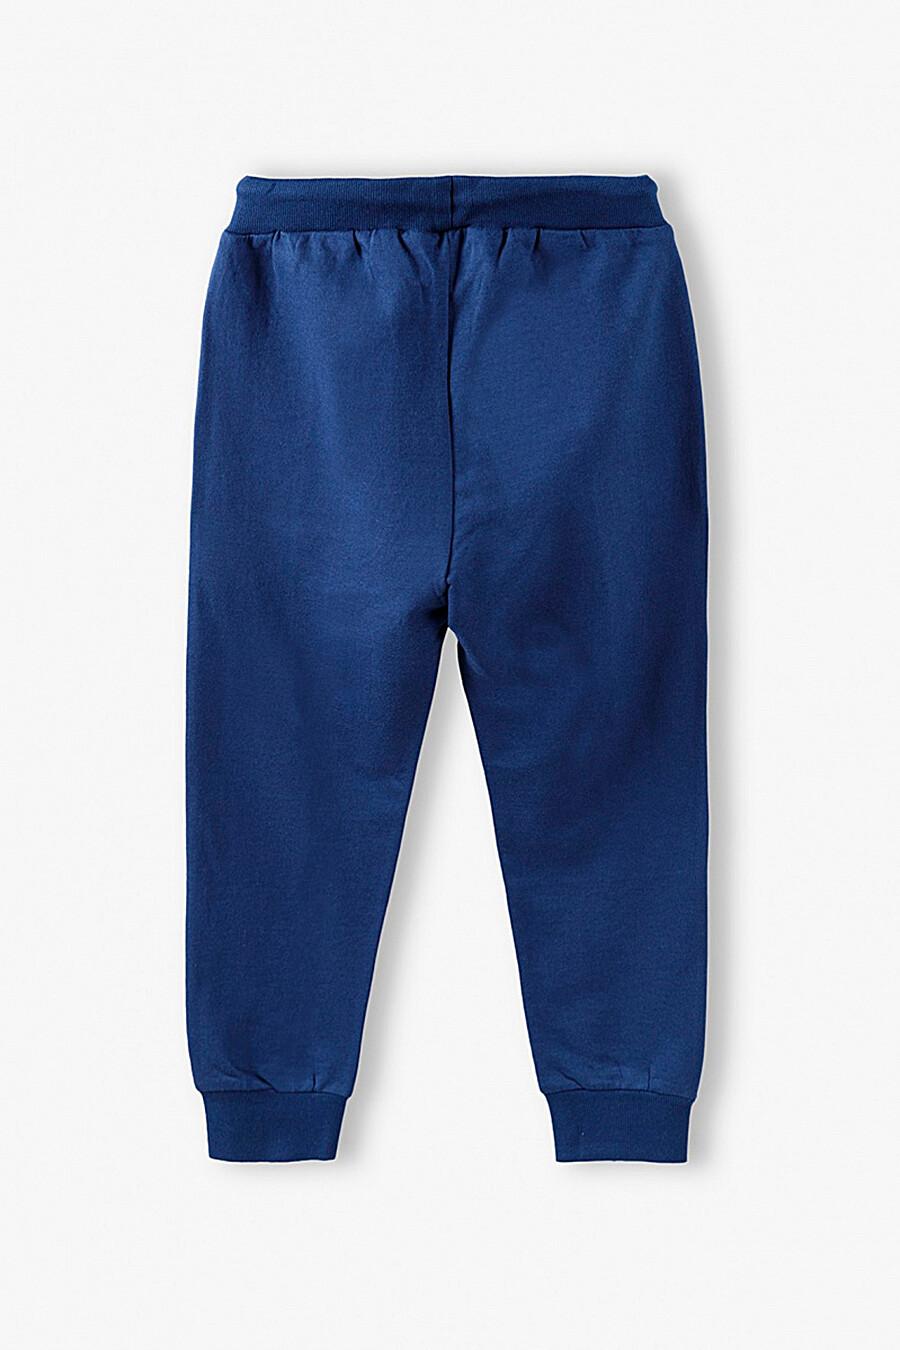 Брюки для мальчиков 5.10.15 668484 купить оптом от производителя. Совместная покупка детской одежды в OptMoyo